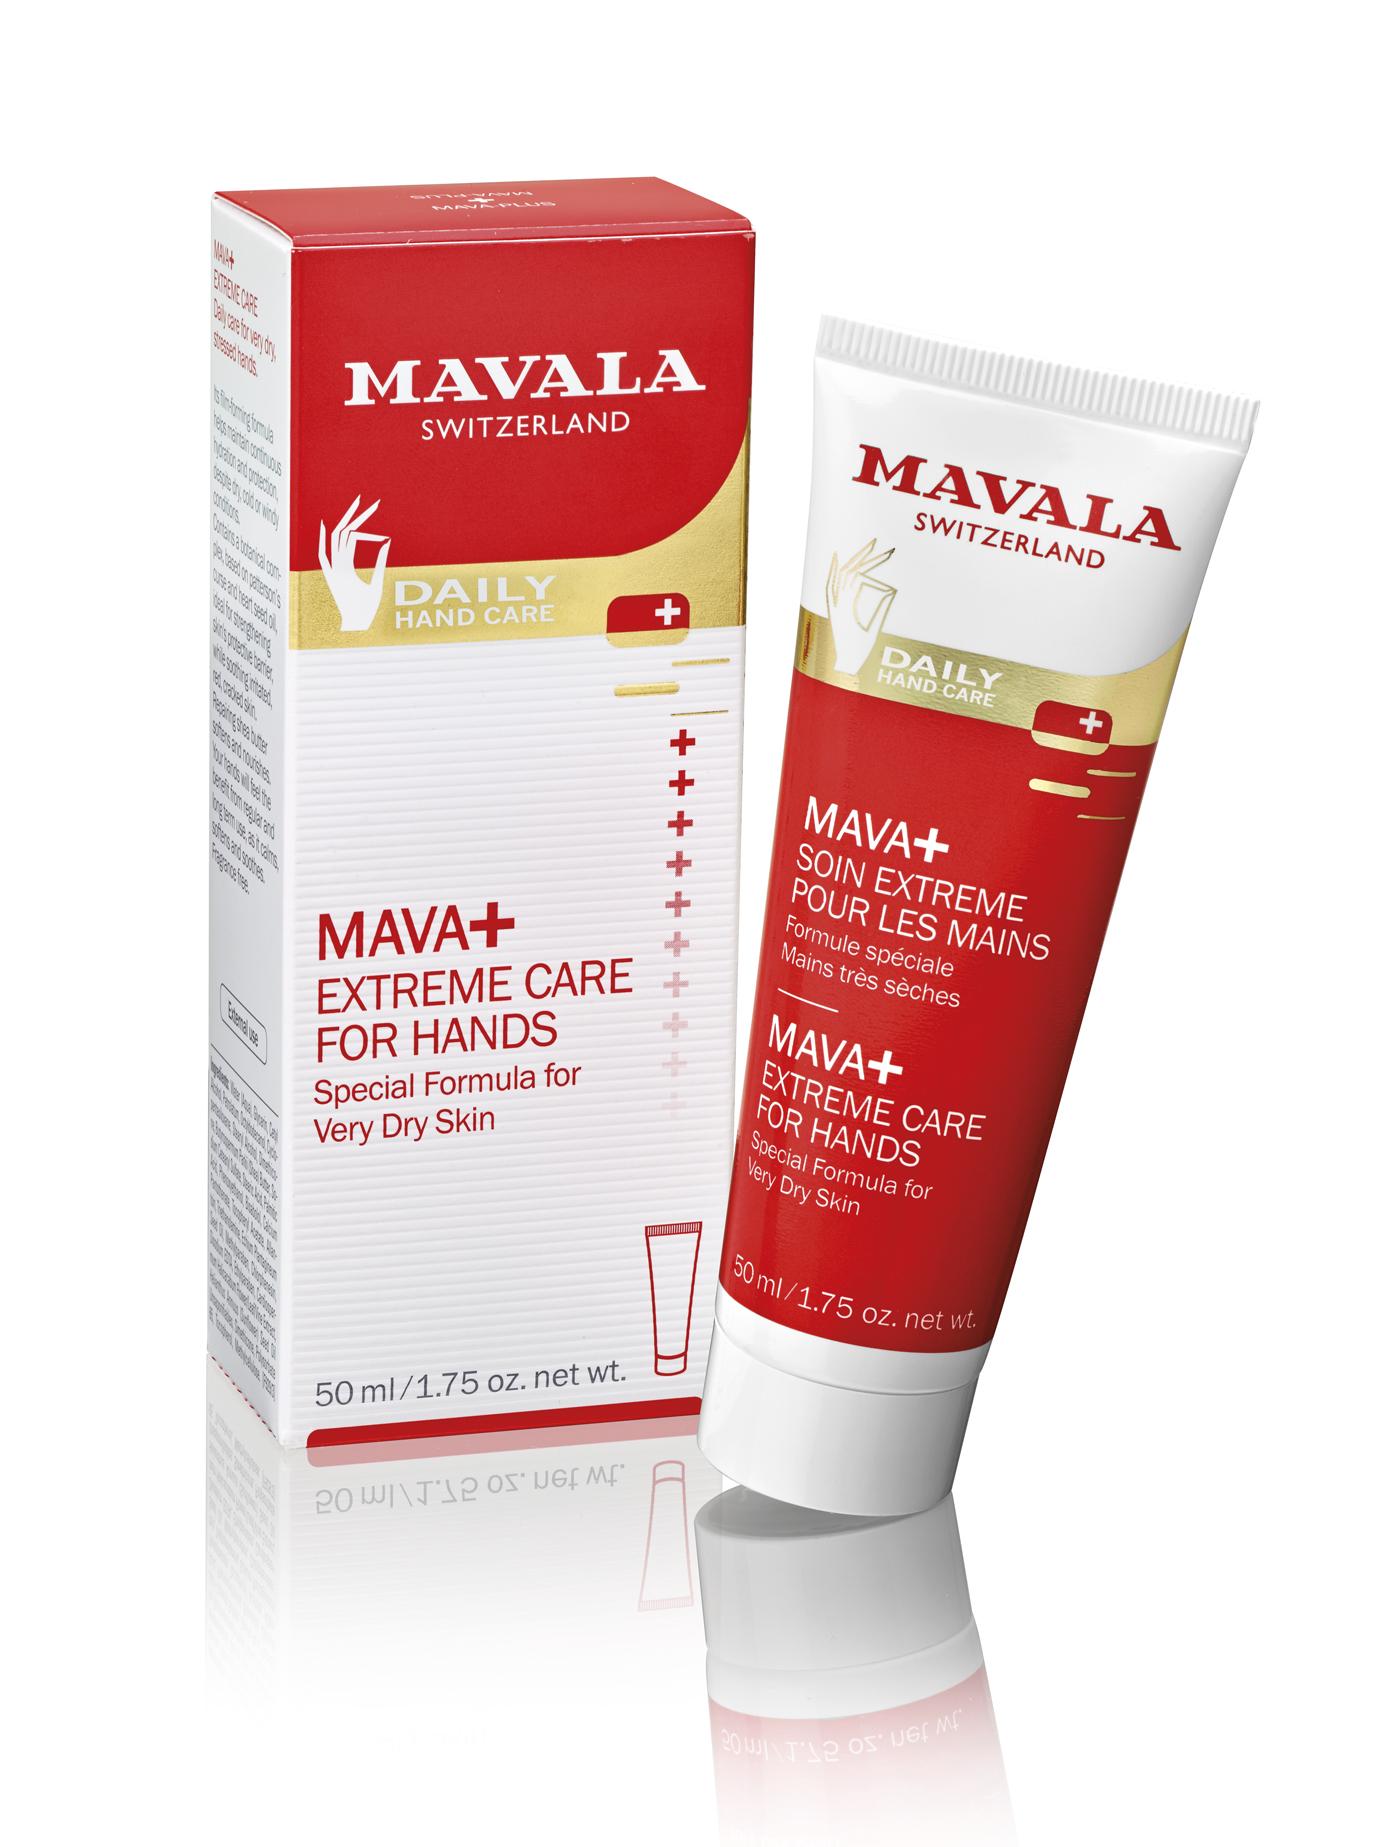 Mava+